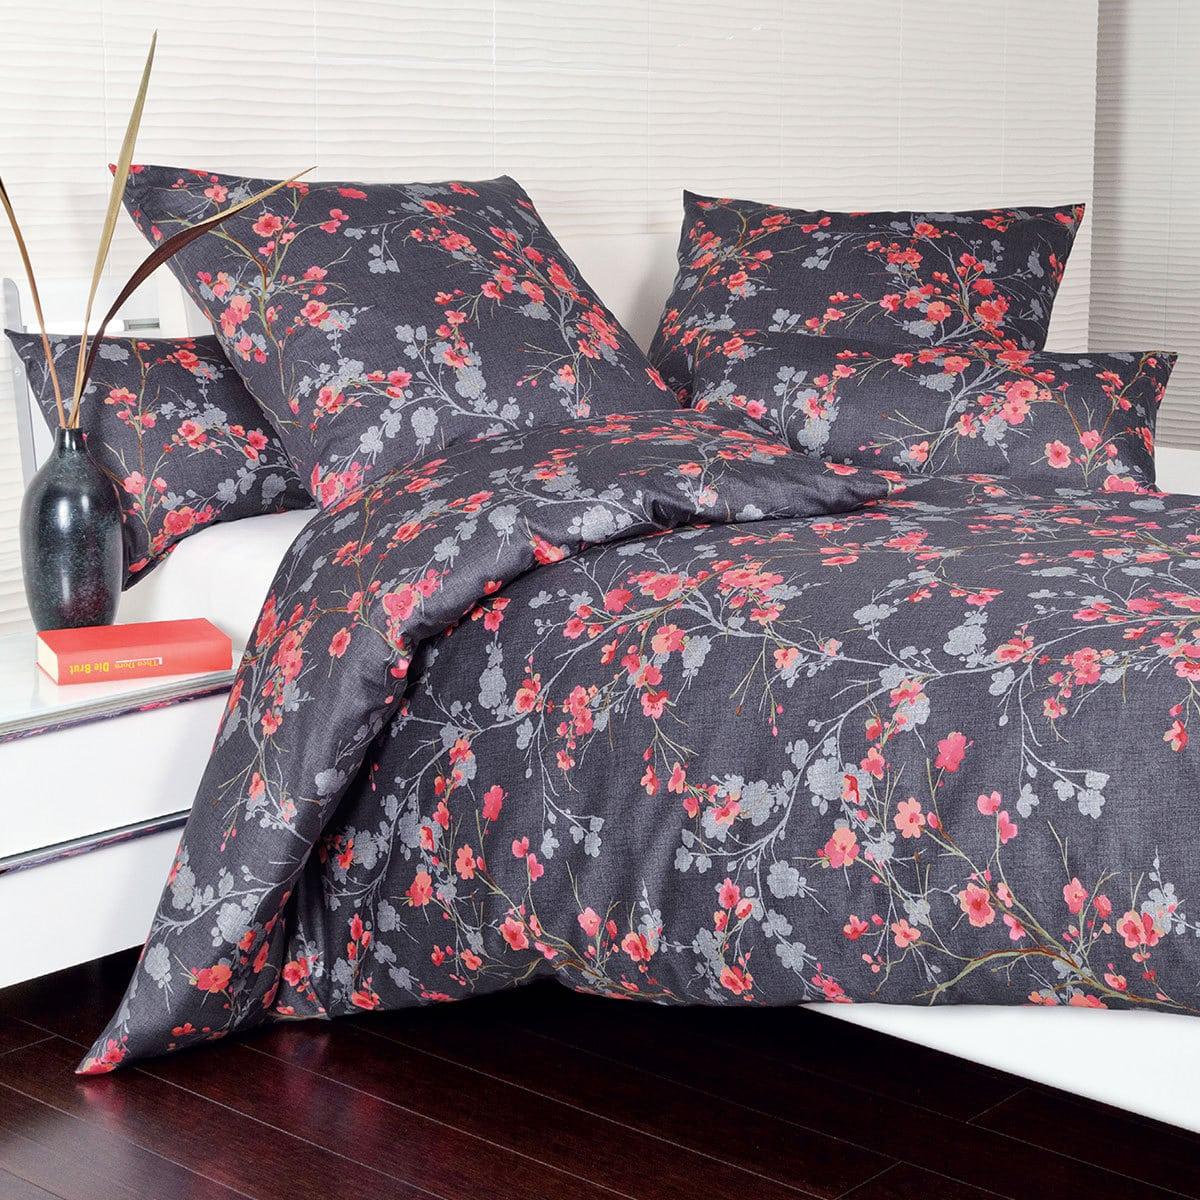 janine interlock feinjersey bettw sche carmen 53040 82 nachtblau g nstig online kaufen bei. Black Bedroom Furniture Sets. Home Design Ideas